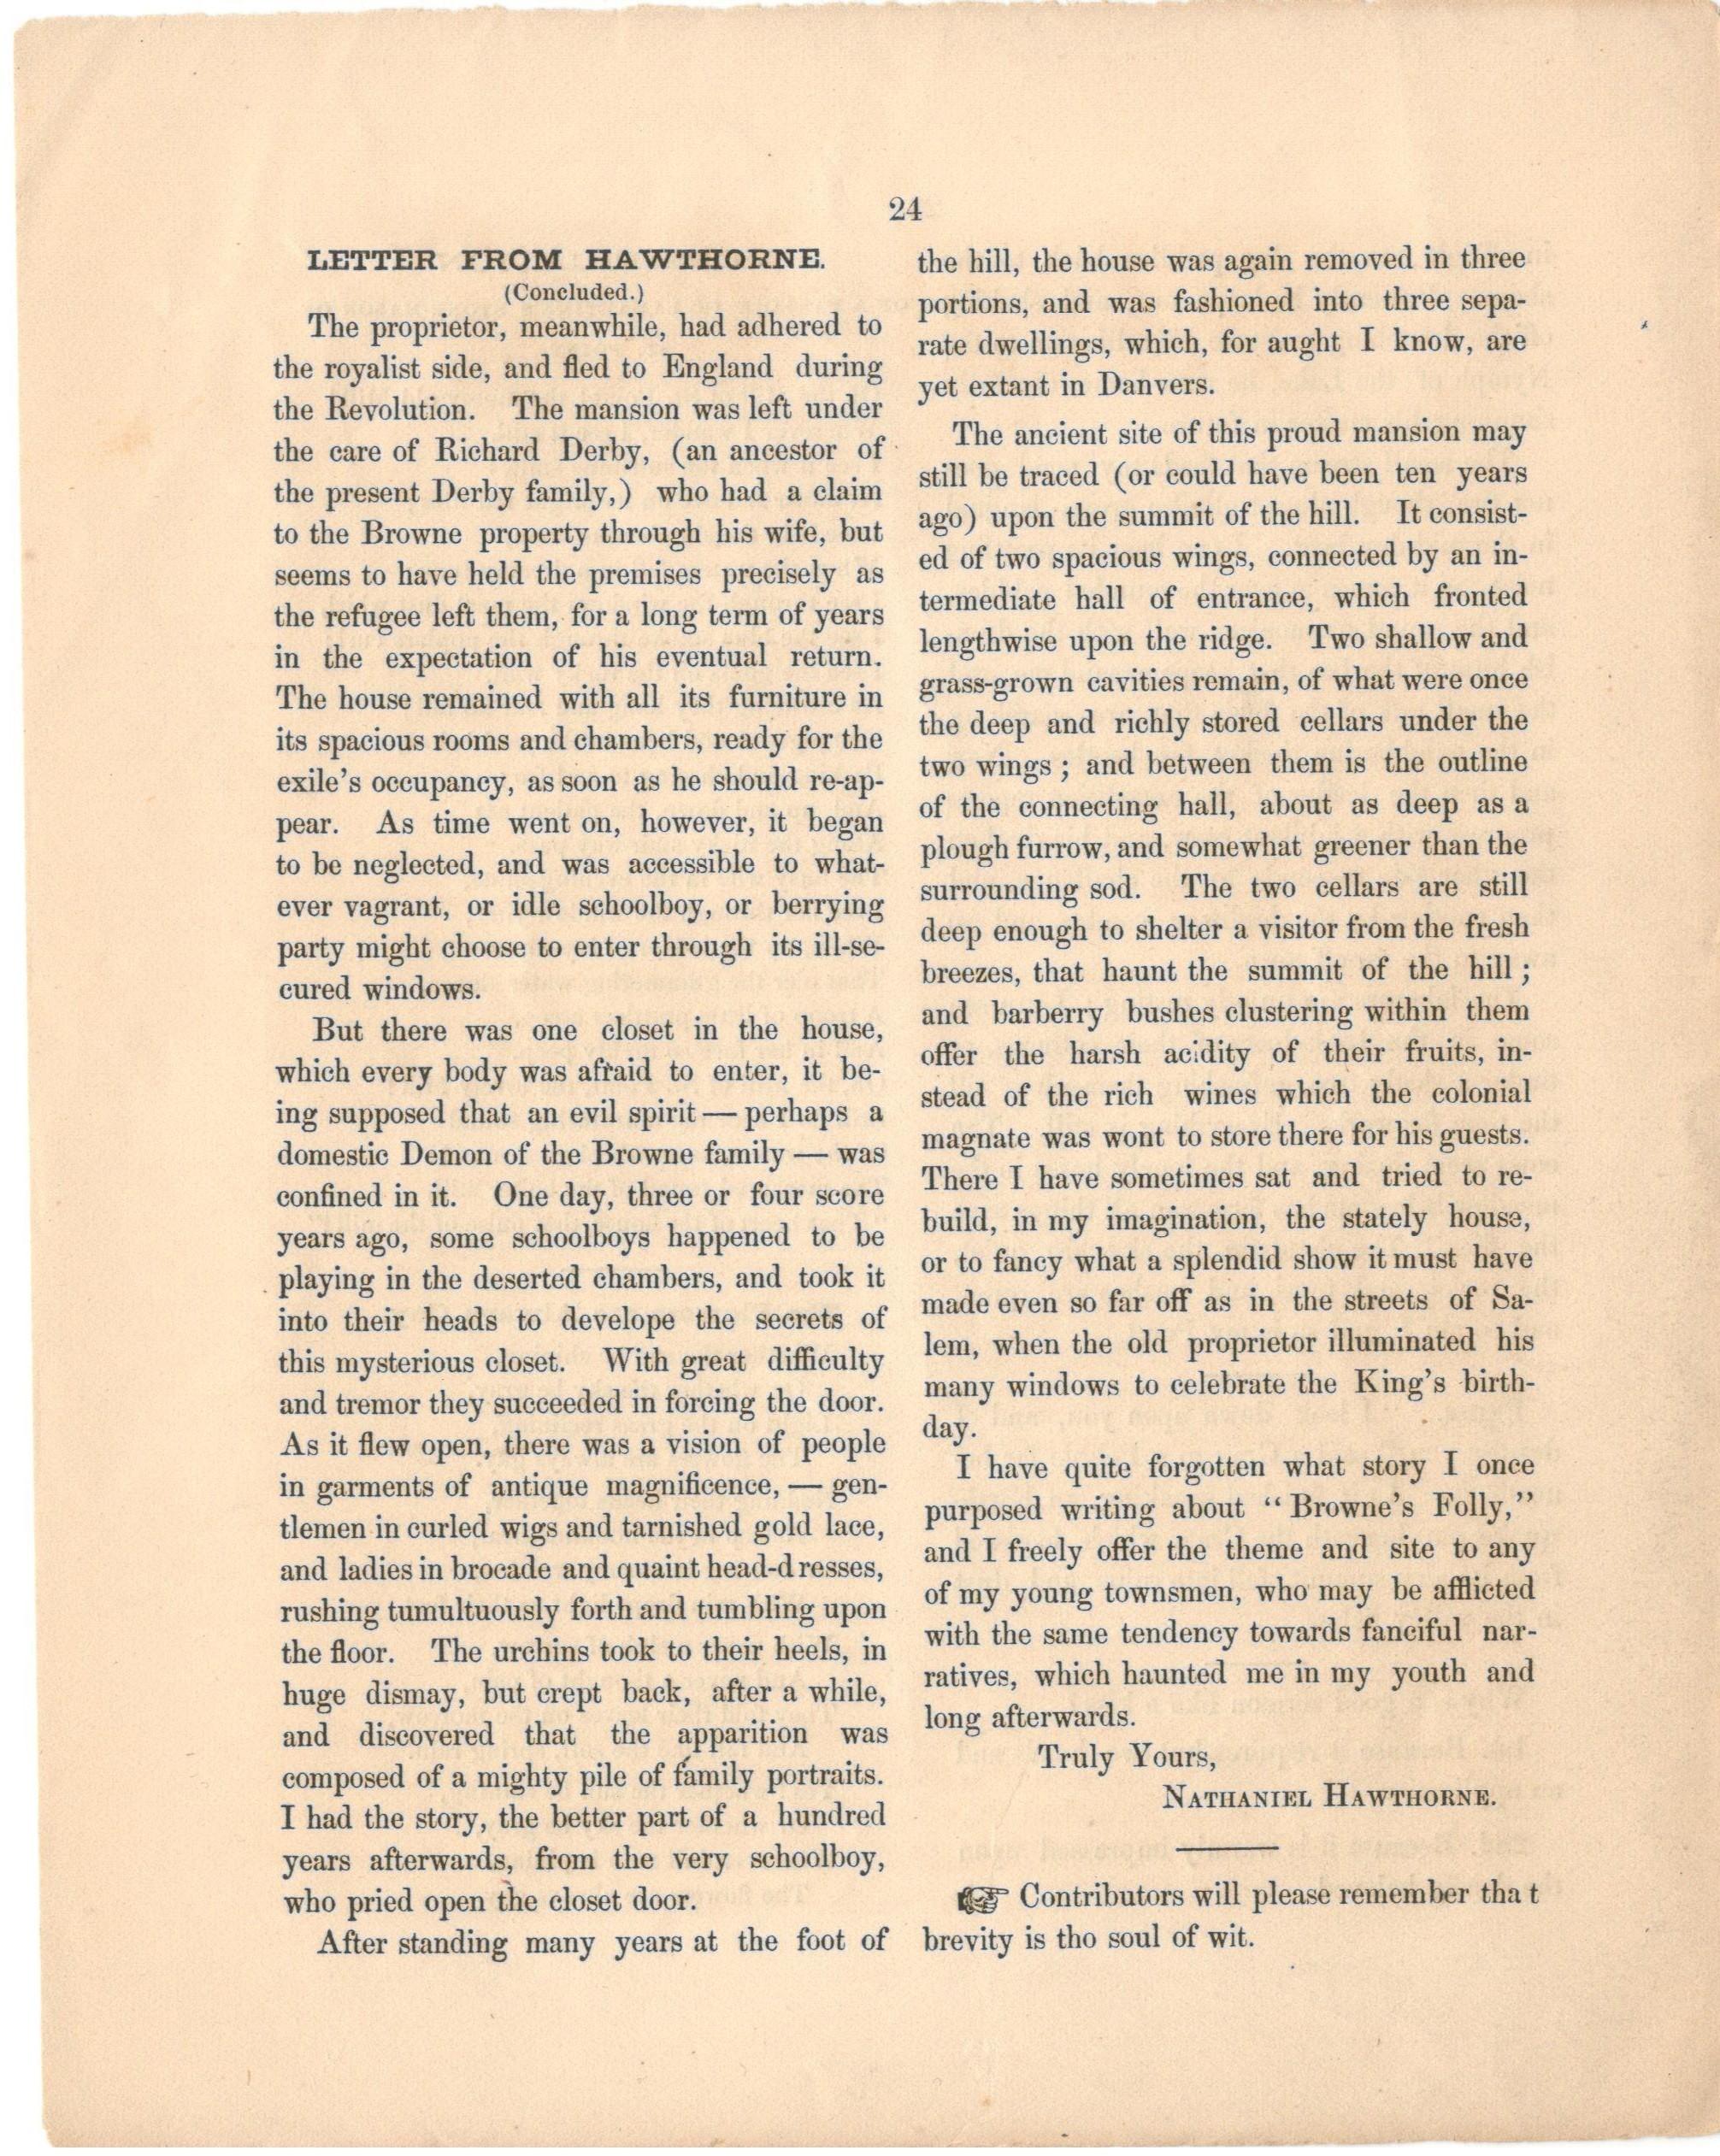 Lot 21 - 1860 ESSEX INSTITUTE FAIR EPHEMERA WEAL-REAF